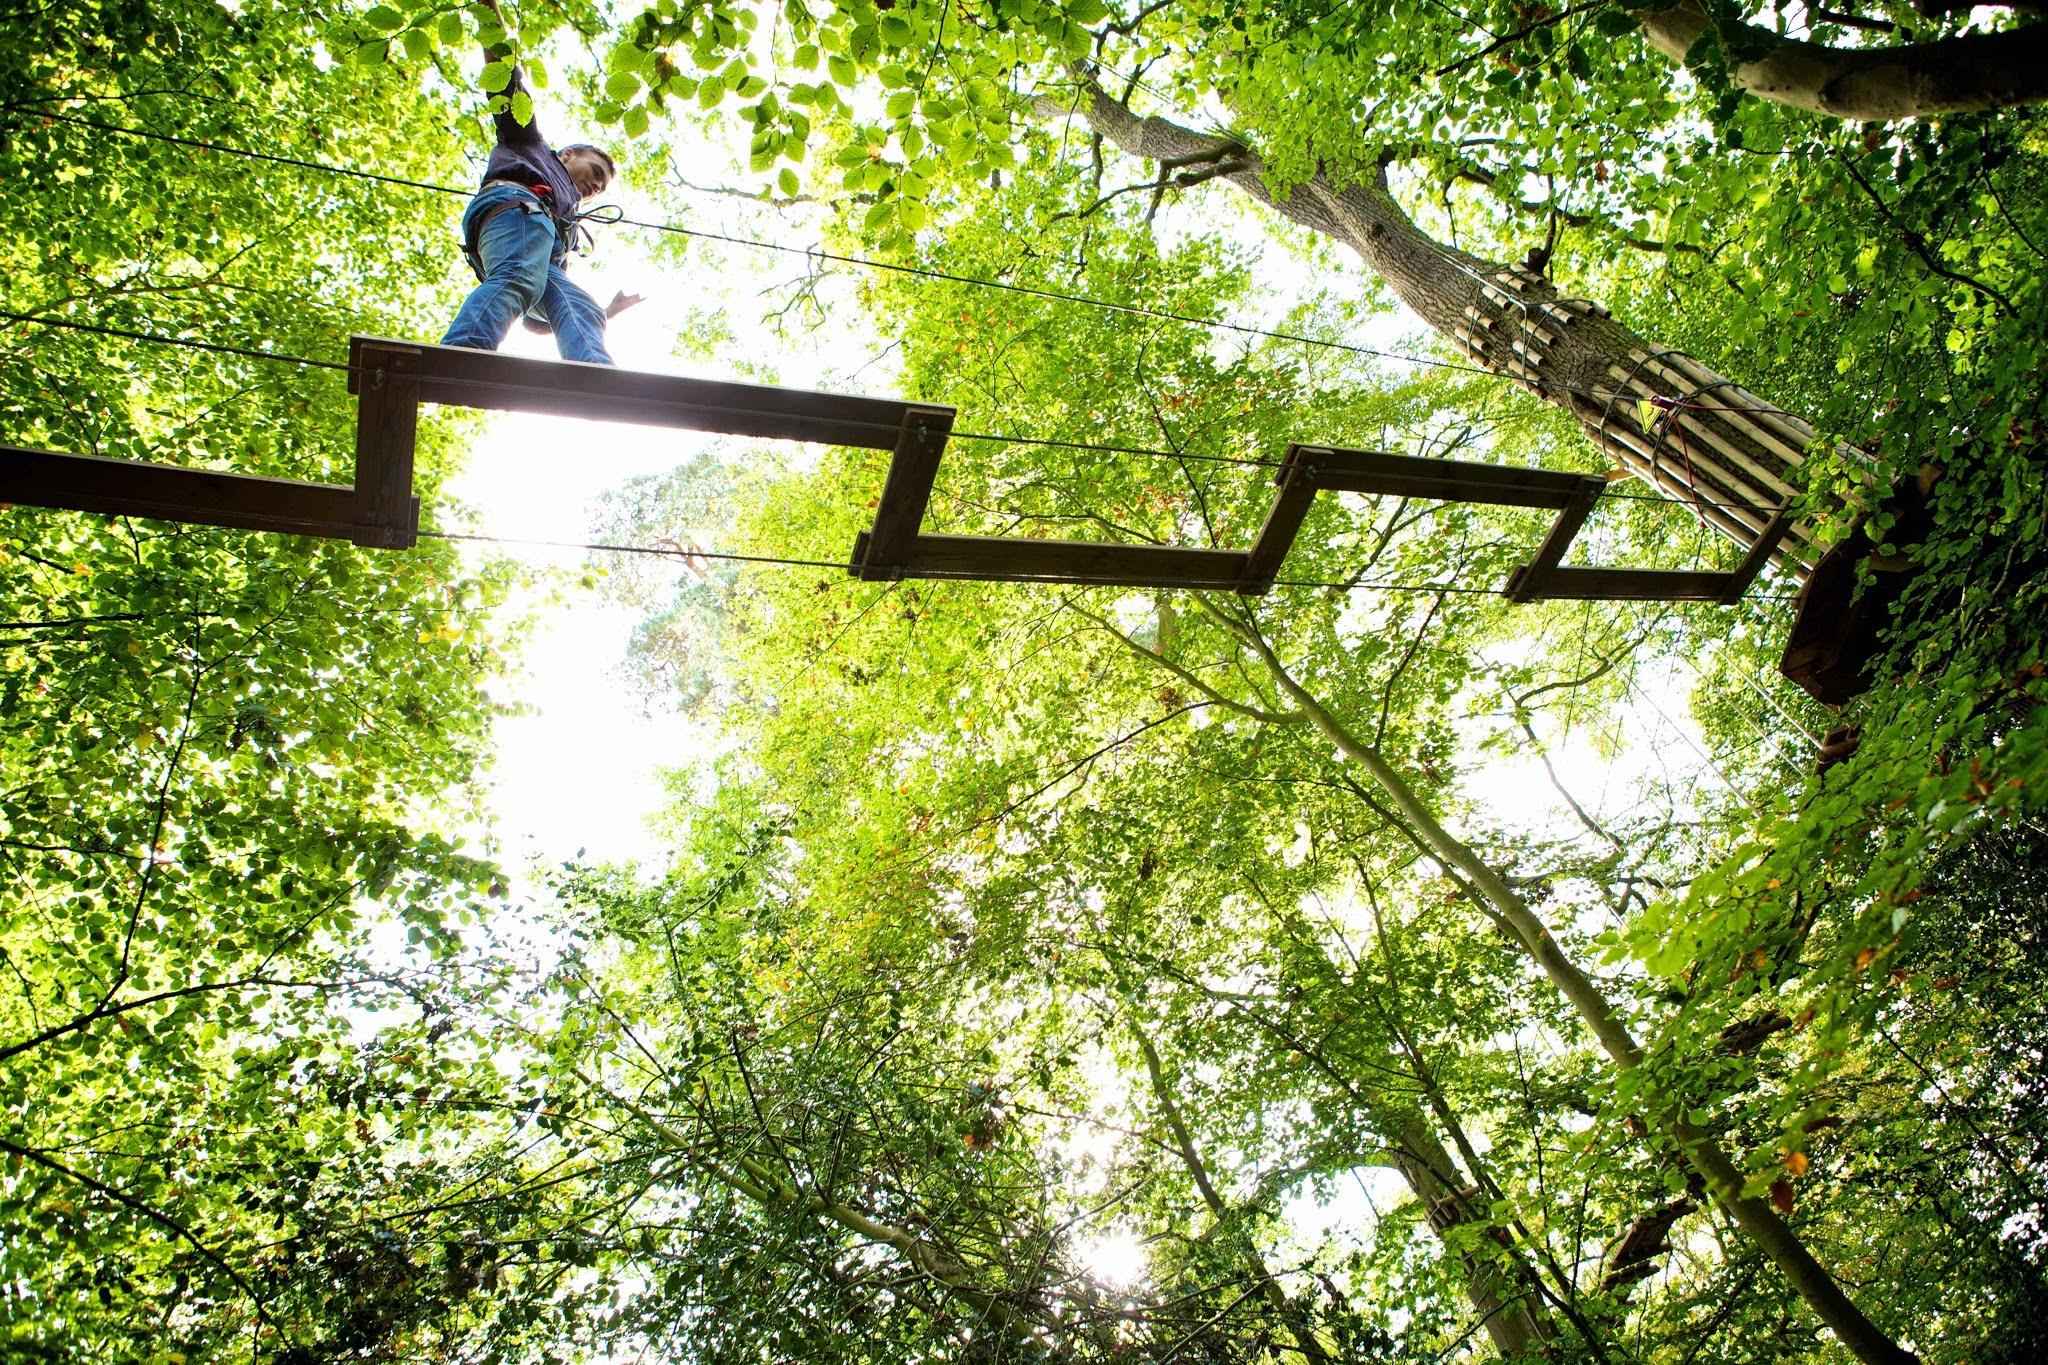 Go Ape Zipline And Adventure Park Mccandless Pa 15101 800 971 8271 Showmelocal Com